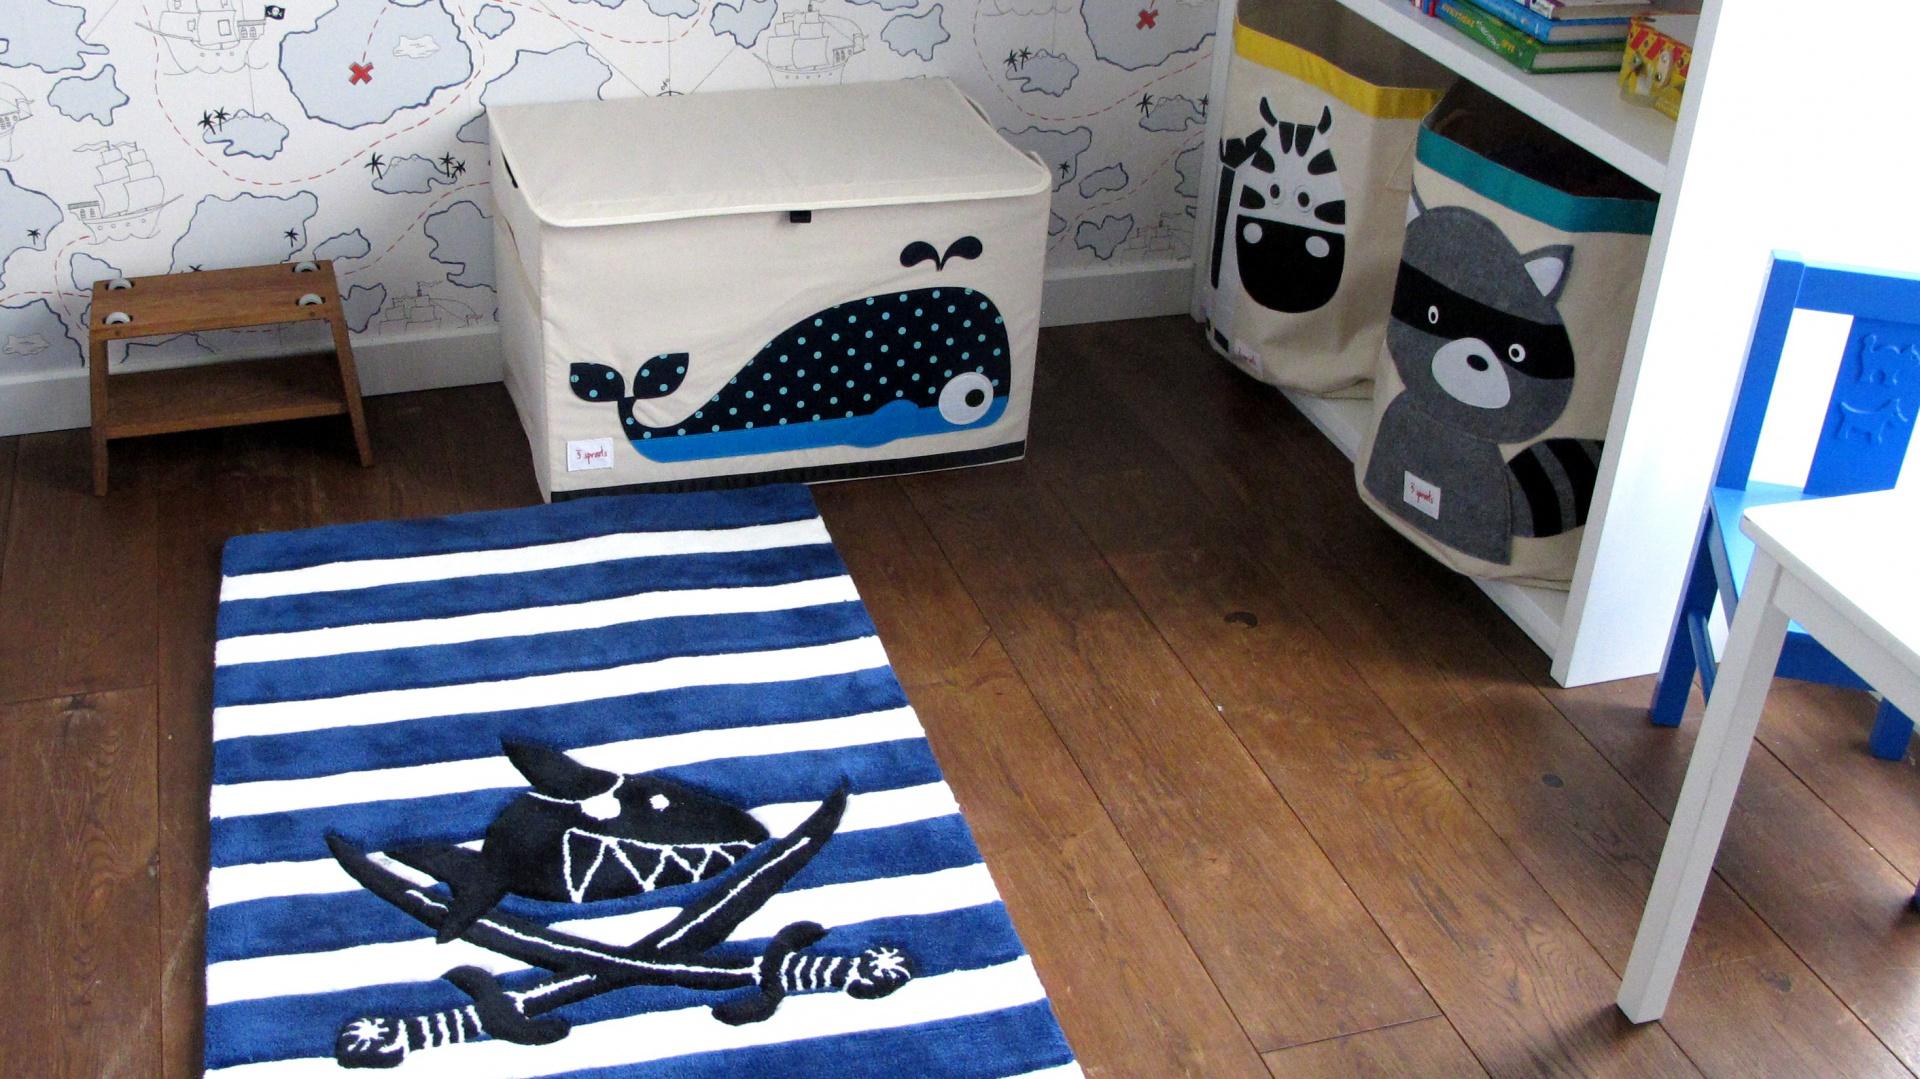 Biało-granatowy dywan z piracką aplikacją oraz skrzynia z wielorybem kreują marynarski charakter pokoju chłopca. Fot. Benjamin Moore.